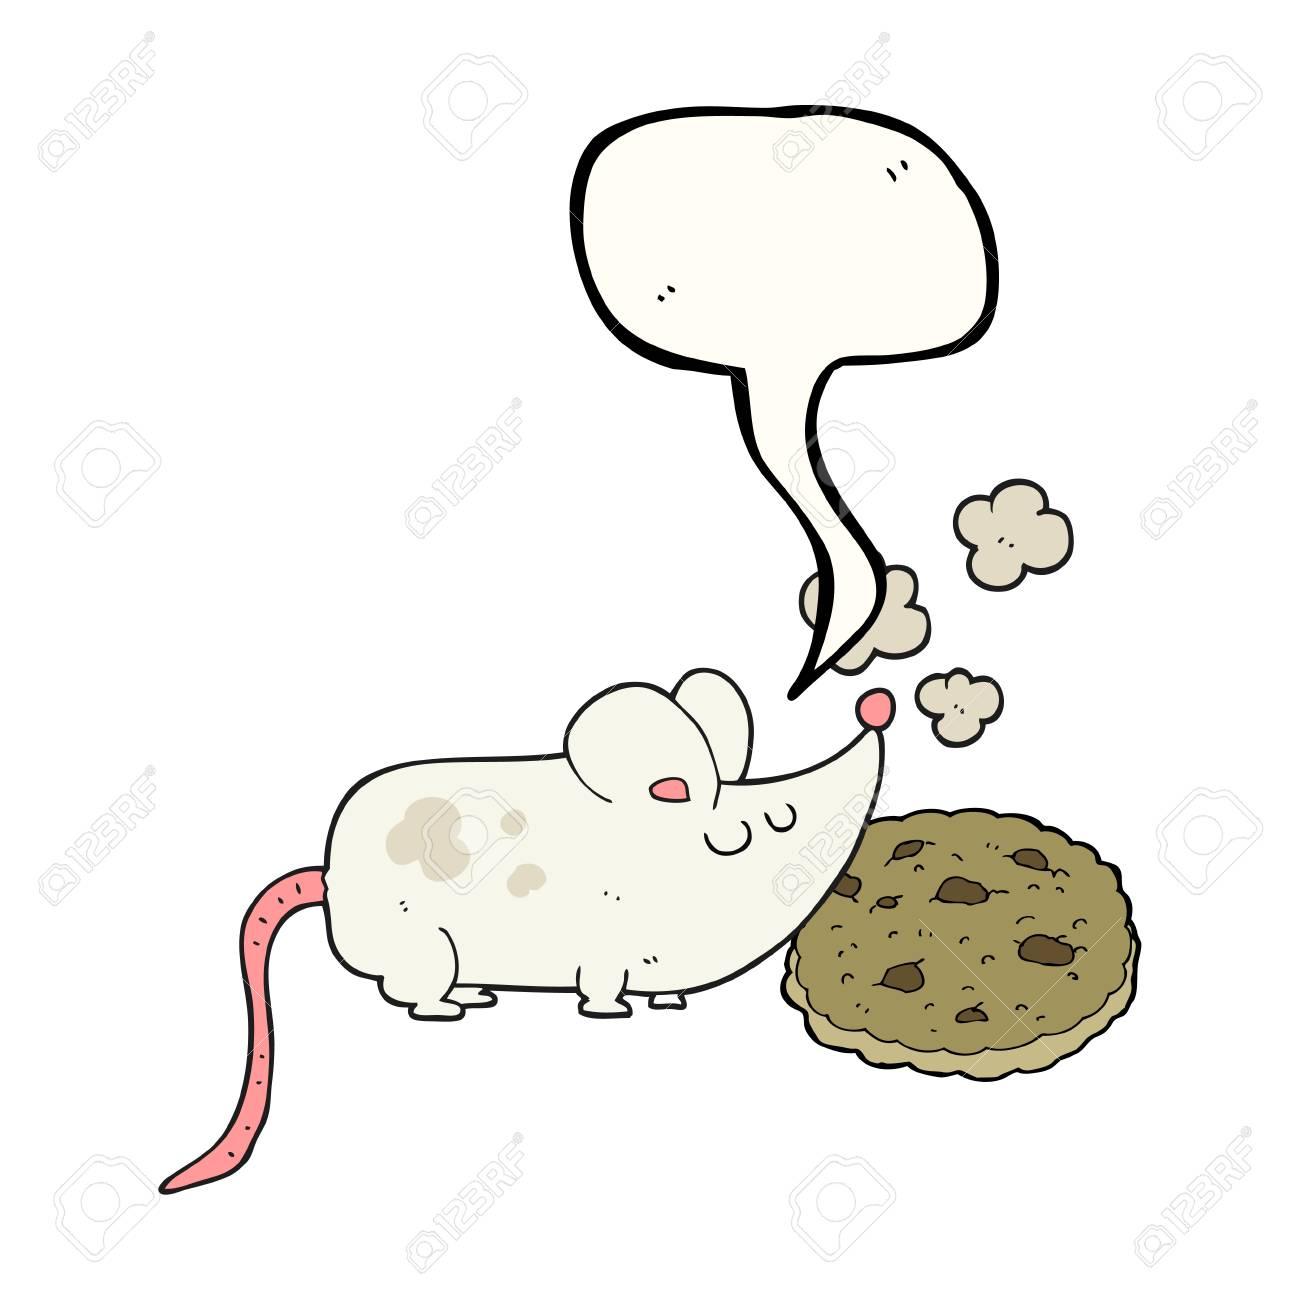 かわいいフリーハンド描画音声バブル漫画のマウスとクッキー